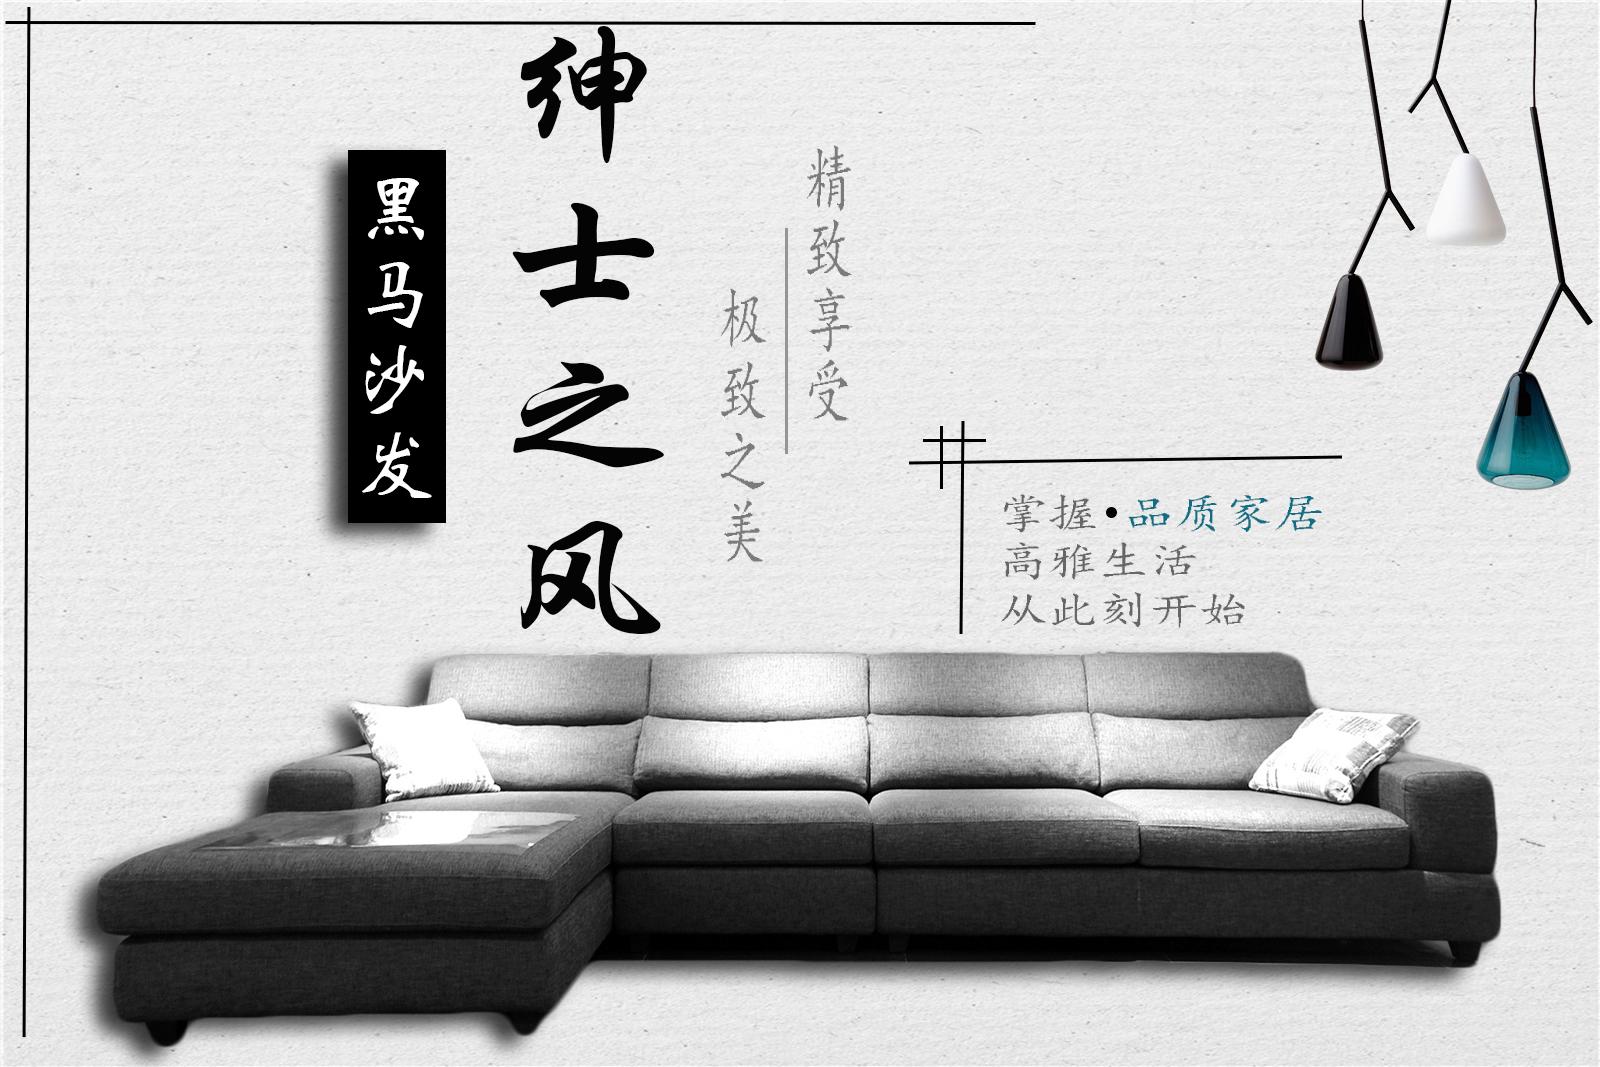 内外兼修黑马绅士风沙发 开启高品质生活